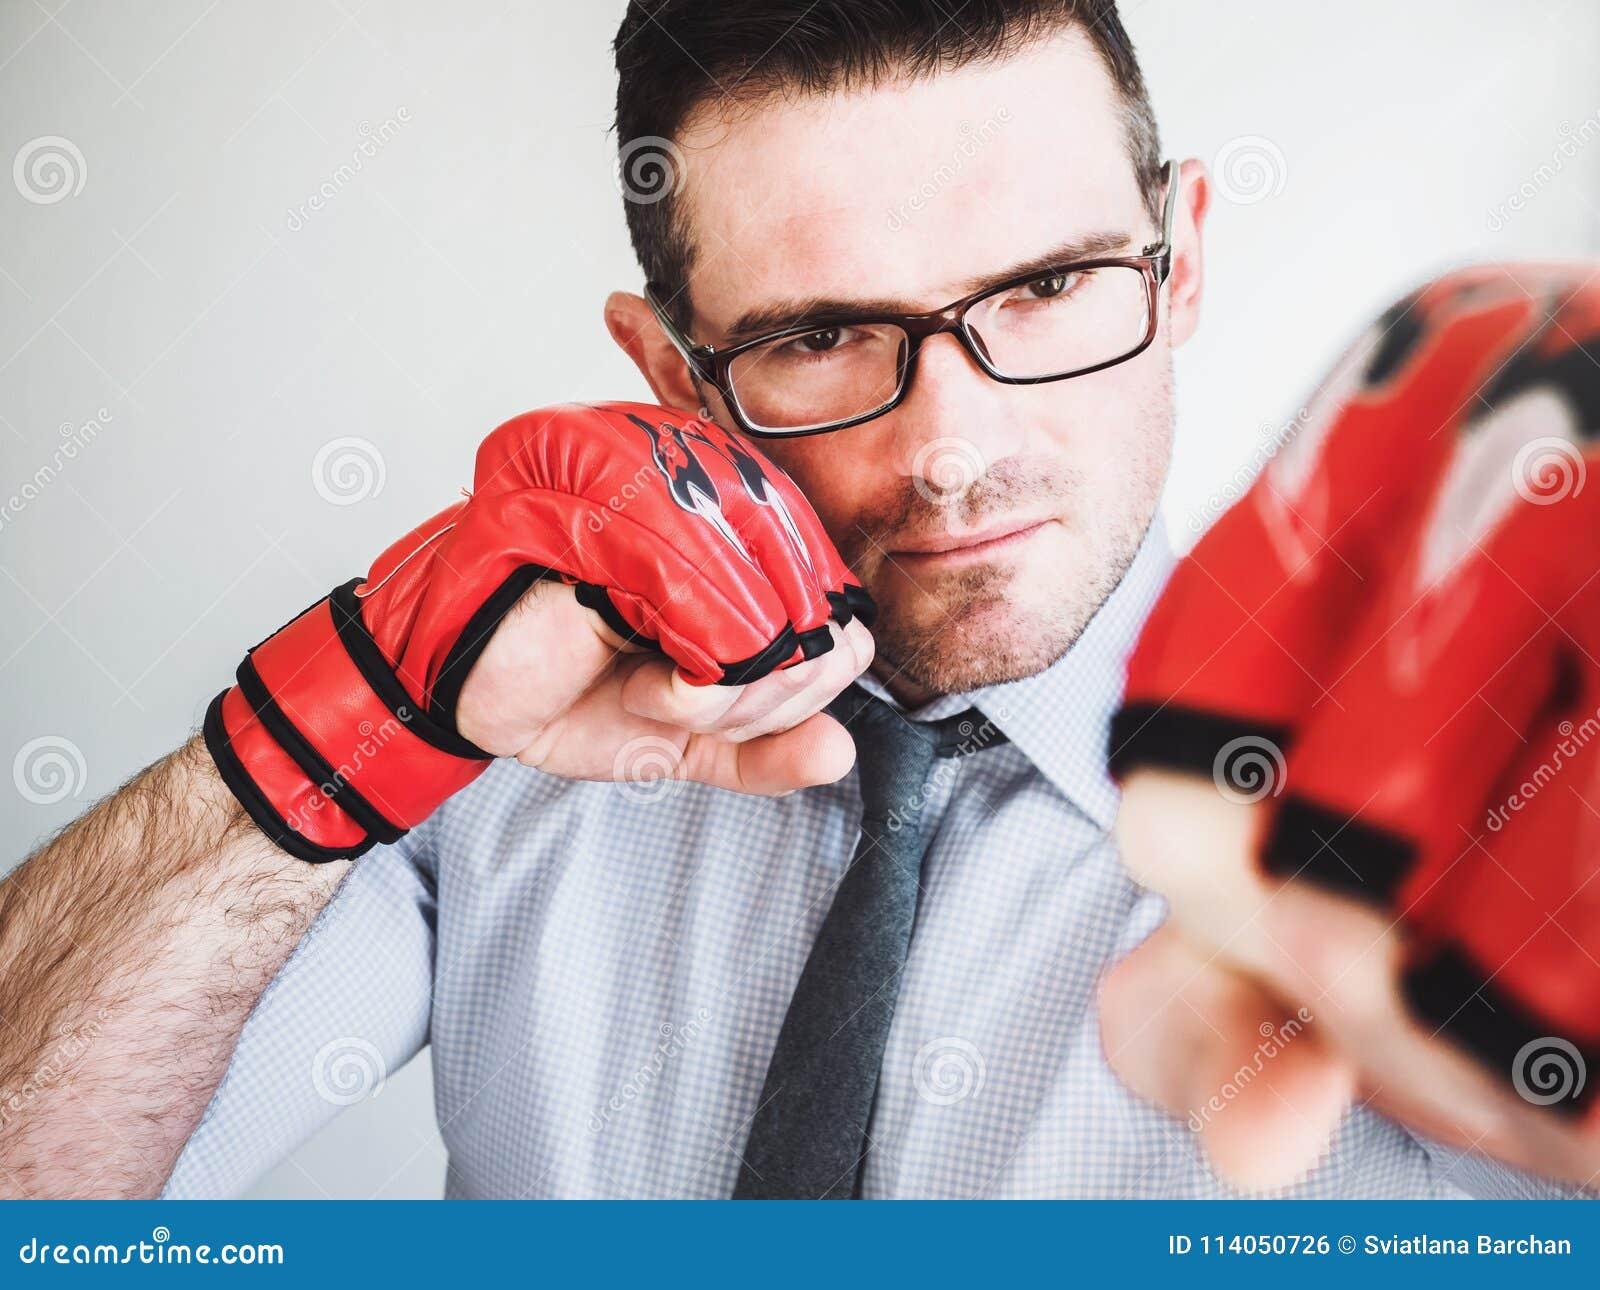 商人和红色拳击手套